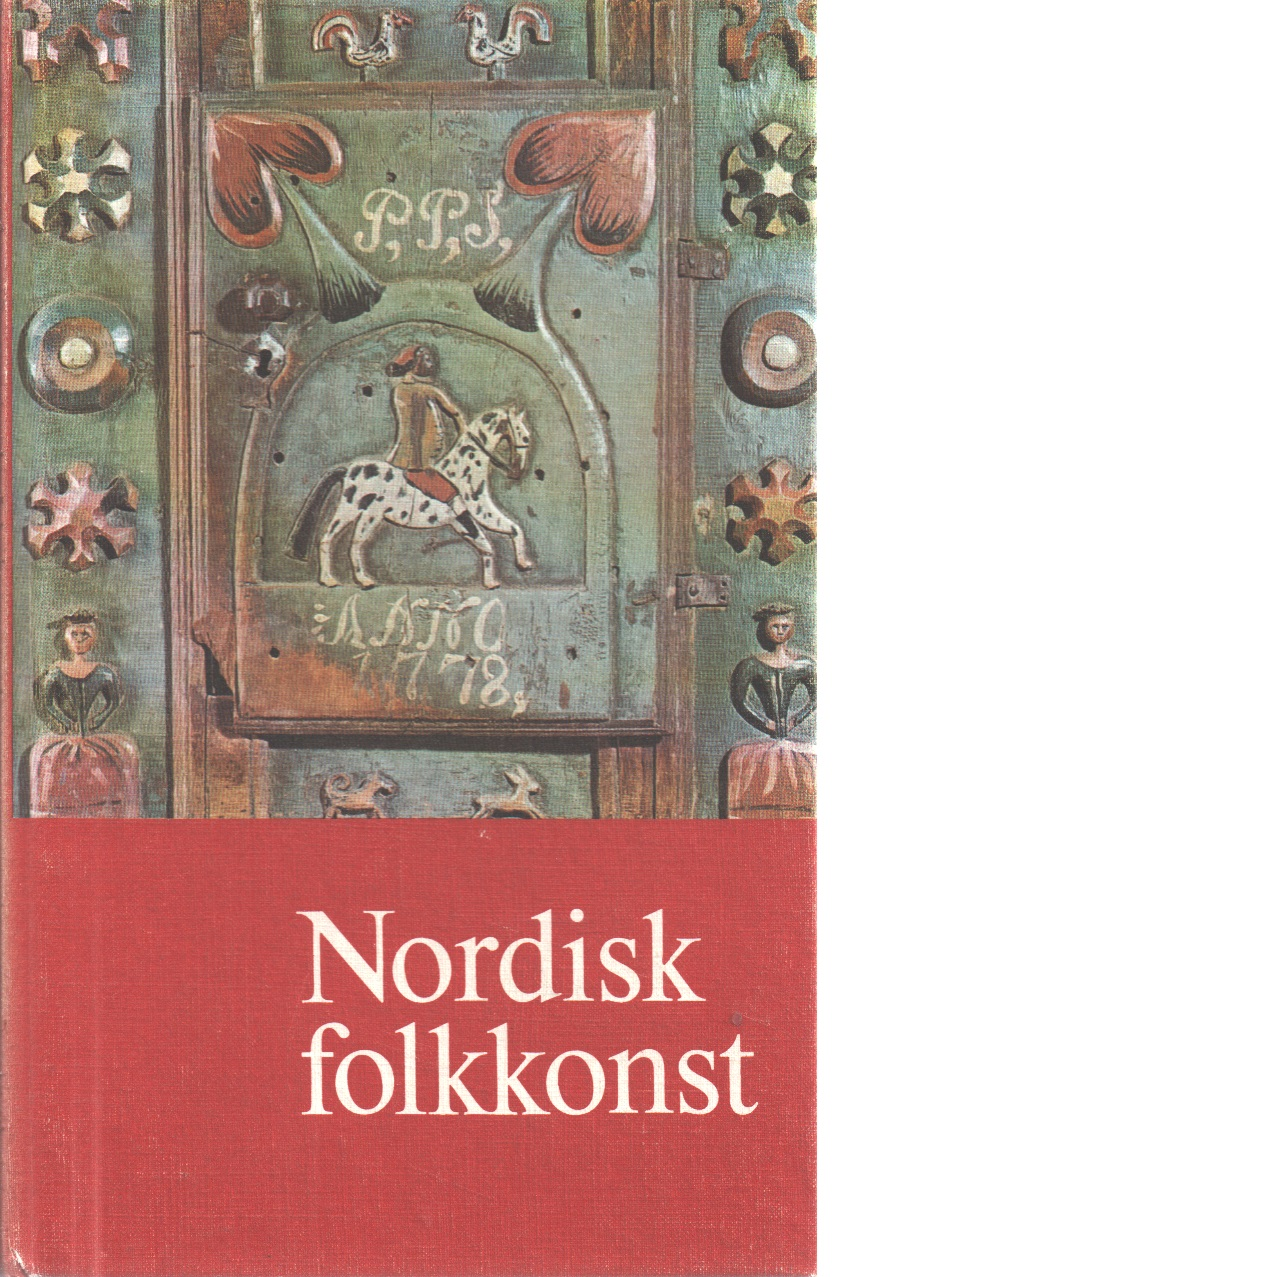 Nordisk folkkonst - Red.